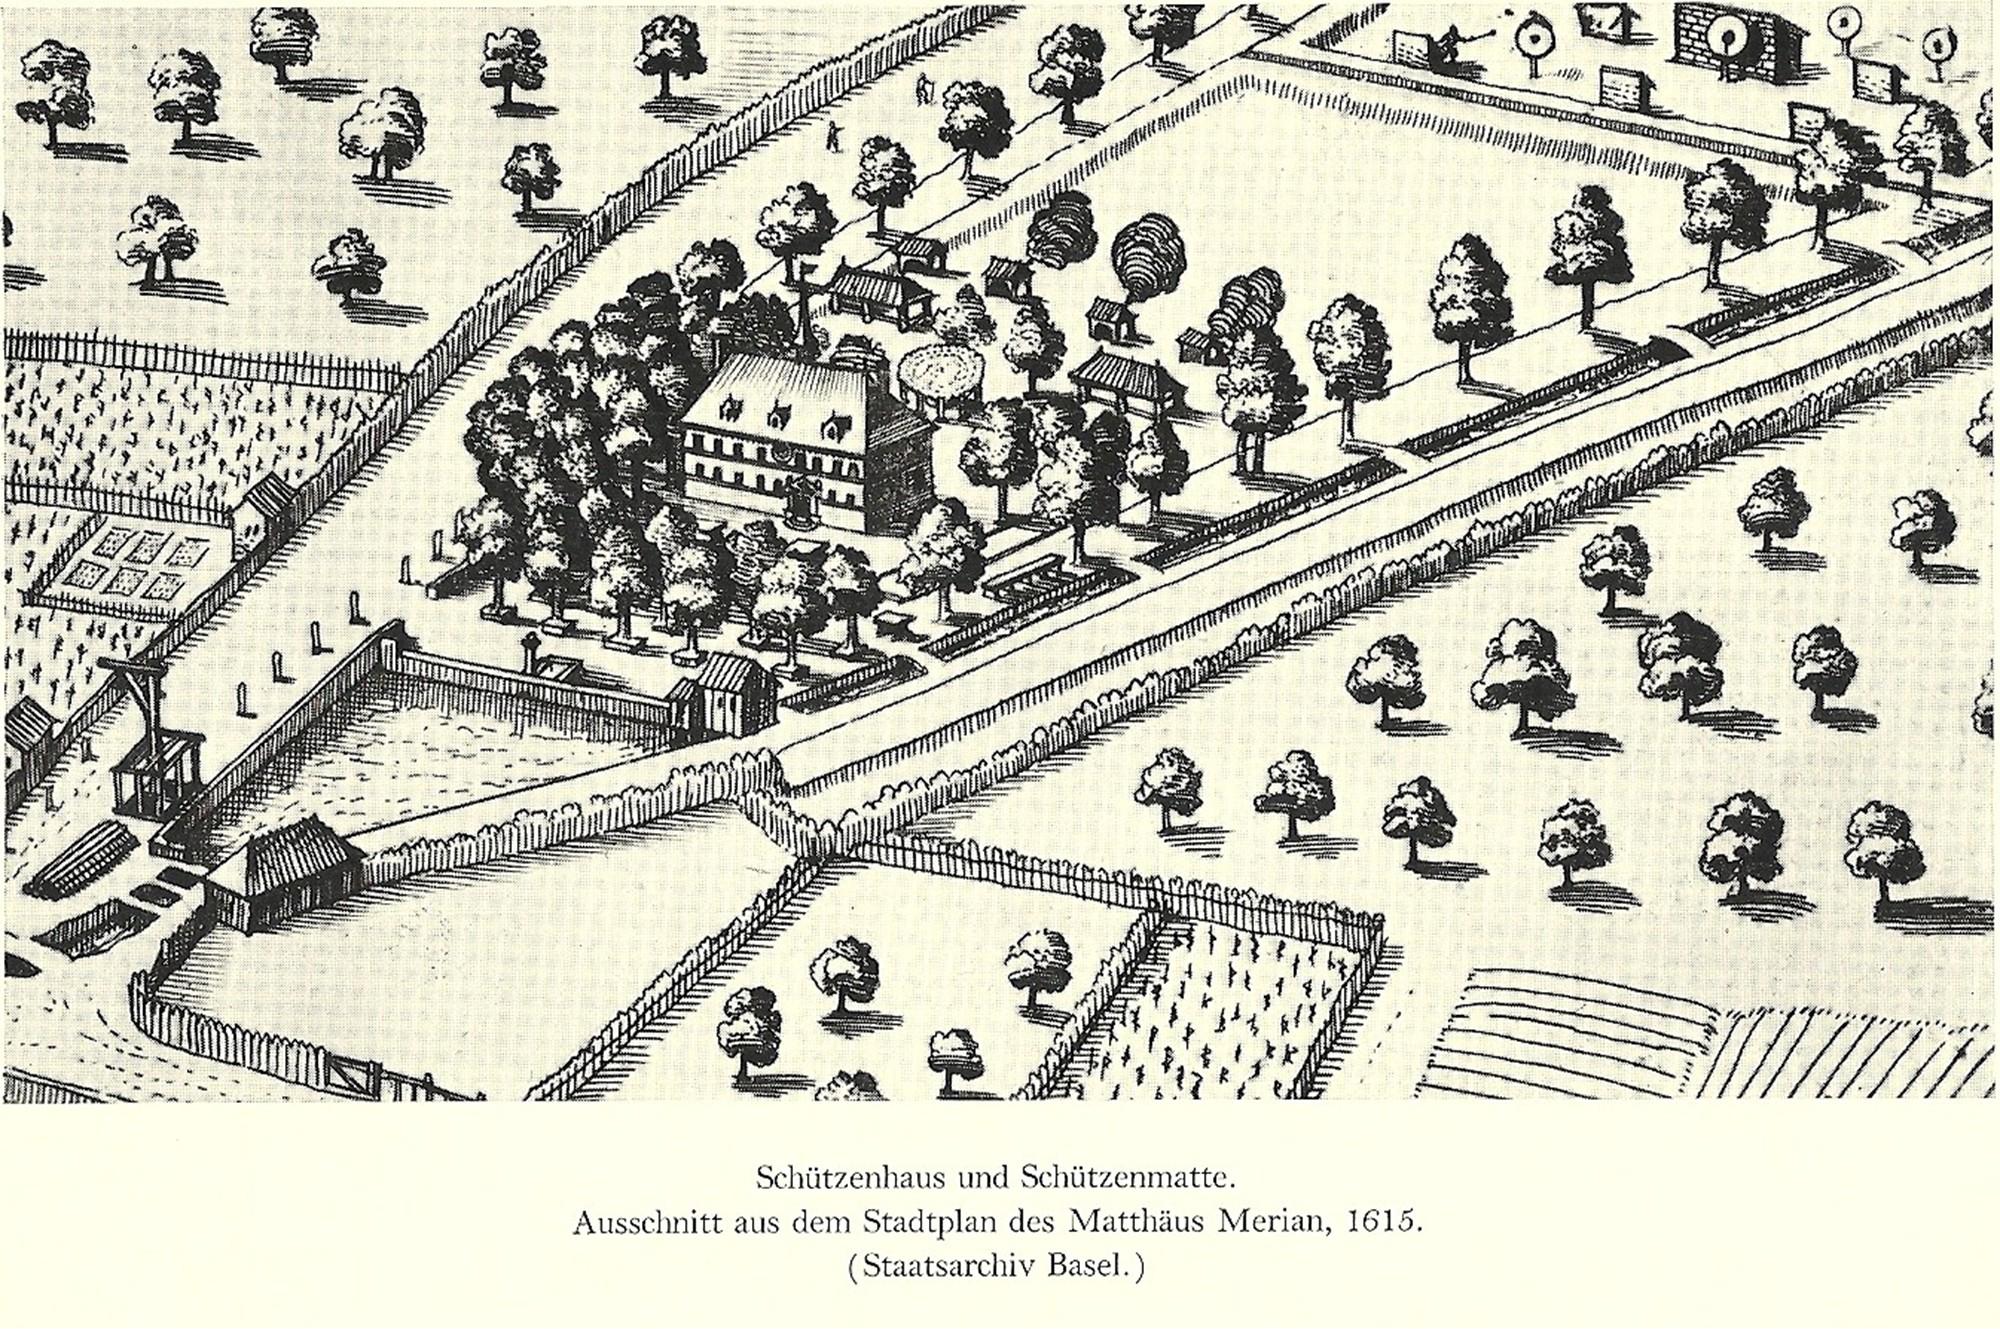 Historische Bilder Schützenhaus und Schützenmatte